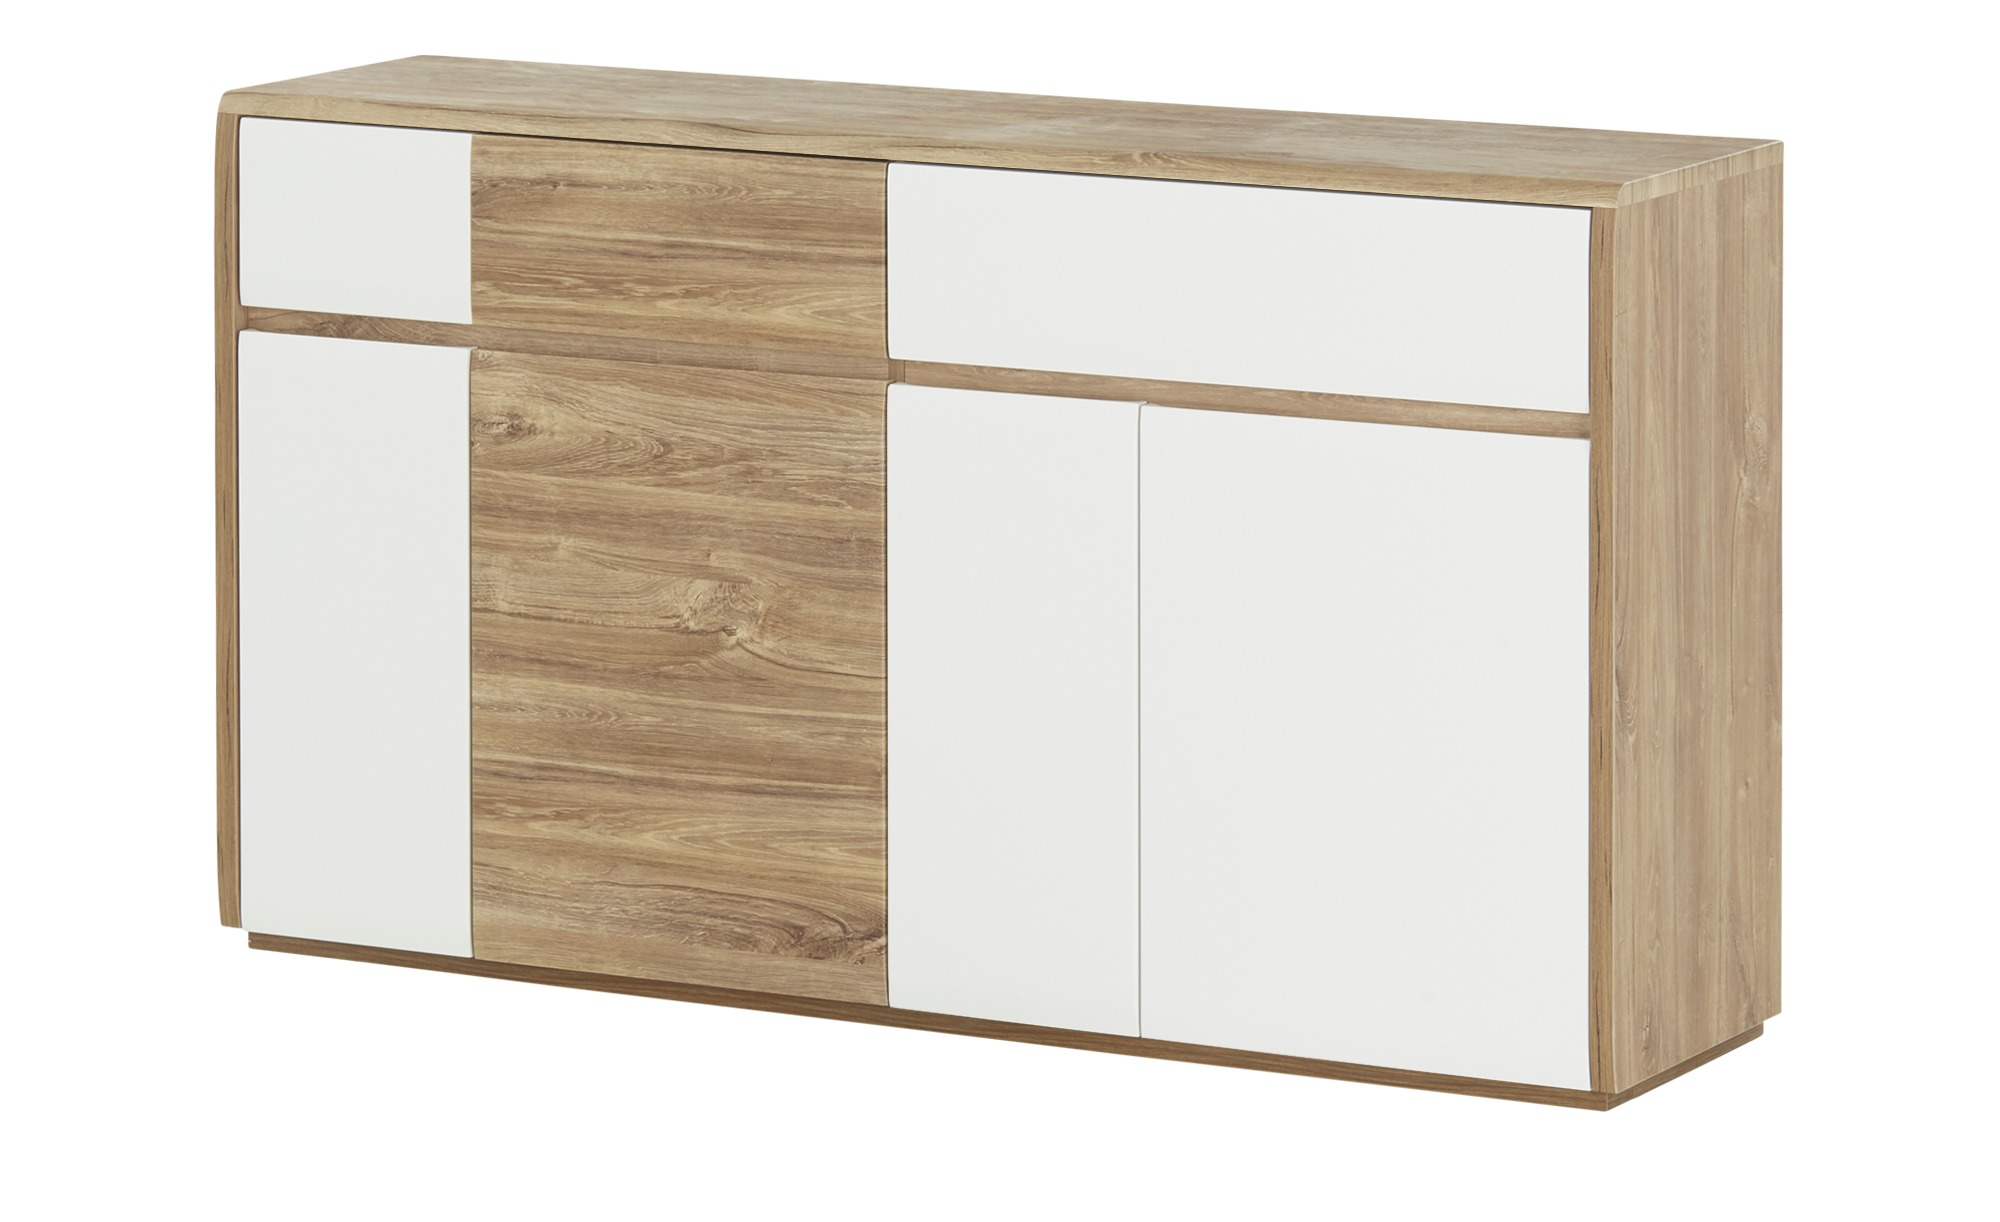 uno sideboard almero breite 160 cm h he 80 cm holzfarben online kaufen bei woonio. Black Bedroom Furniture Sets. Home Design Ideas